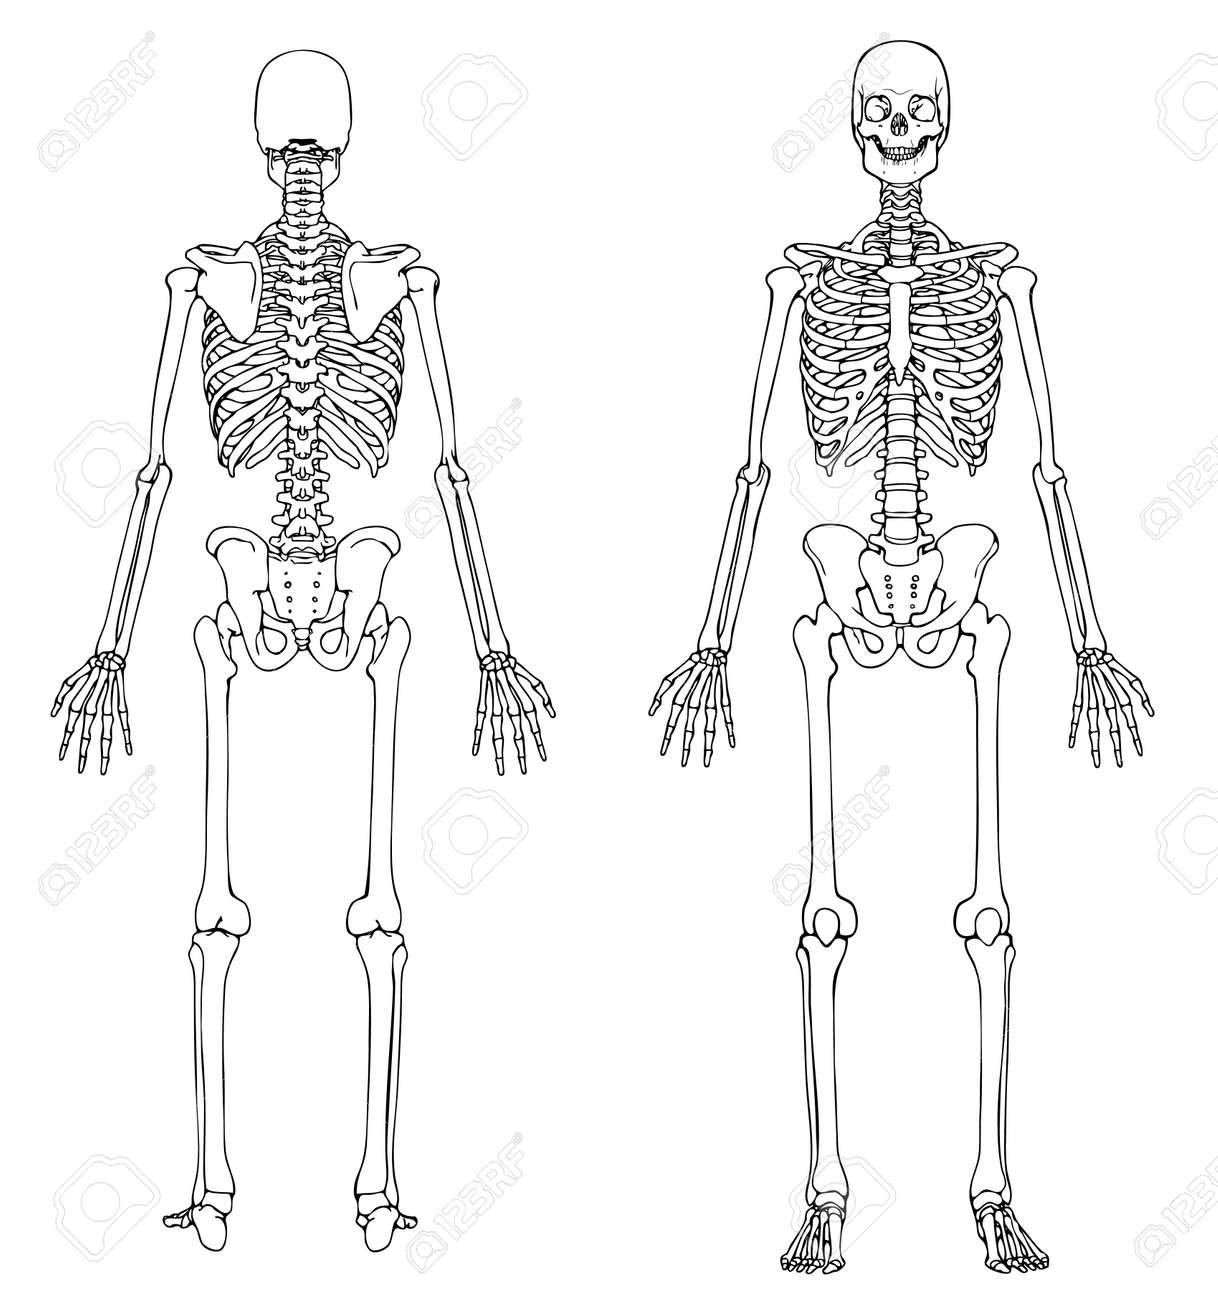 Fantastisch Menschliche Knochen Zurück Ideen - Menschliche Anatomie ...